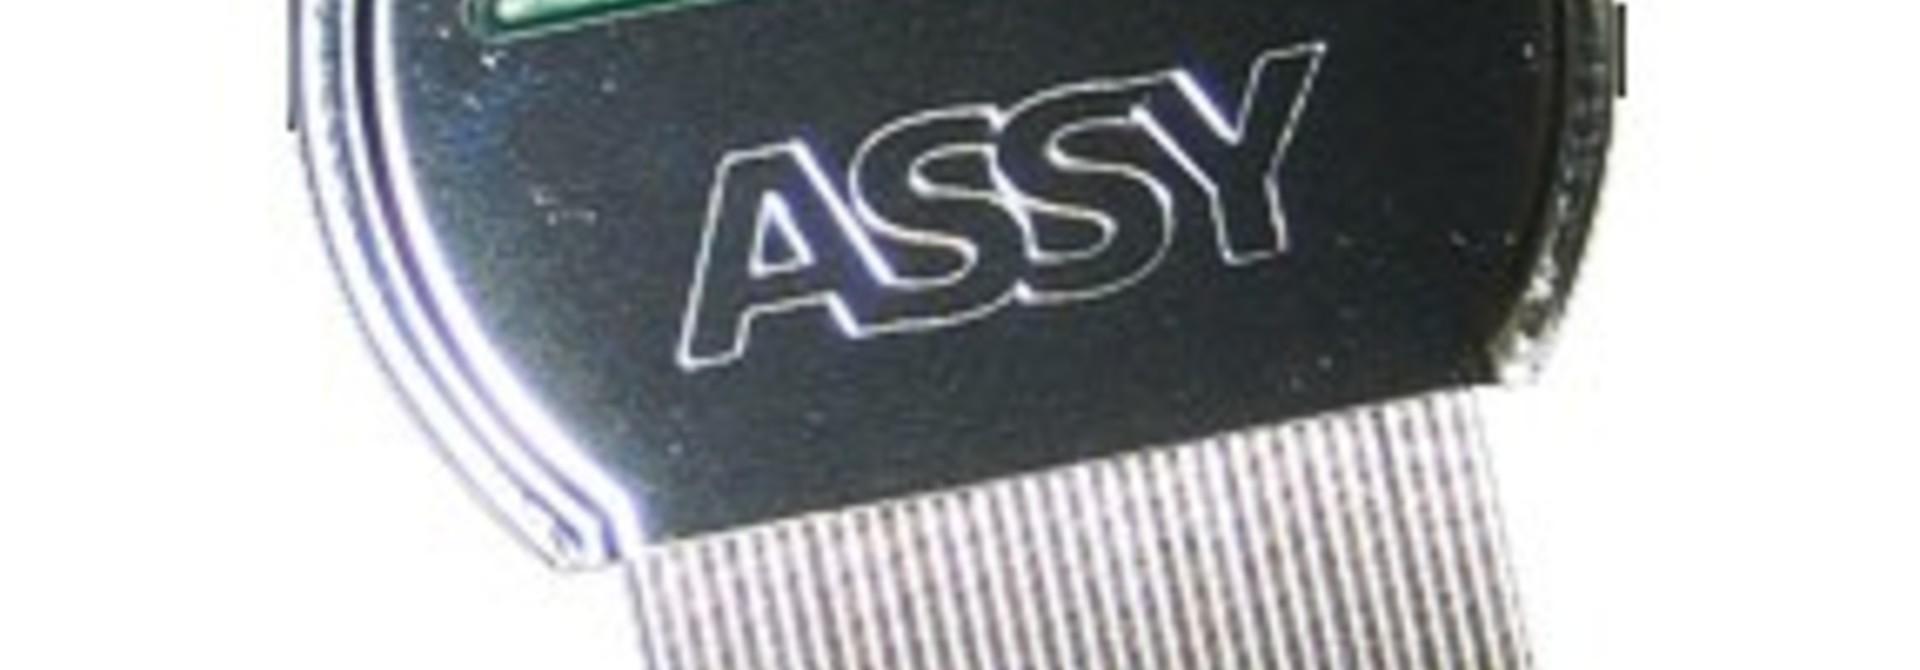 Assy Netenvreter (kam) 1 stuk